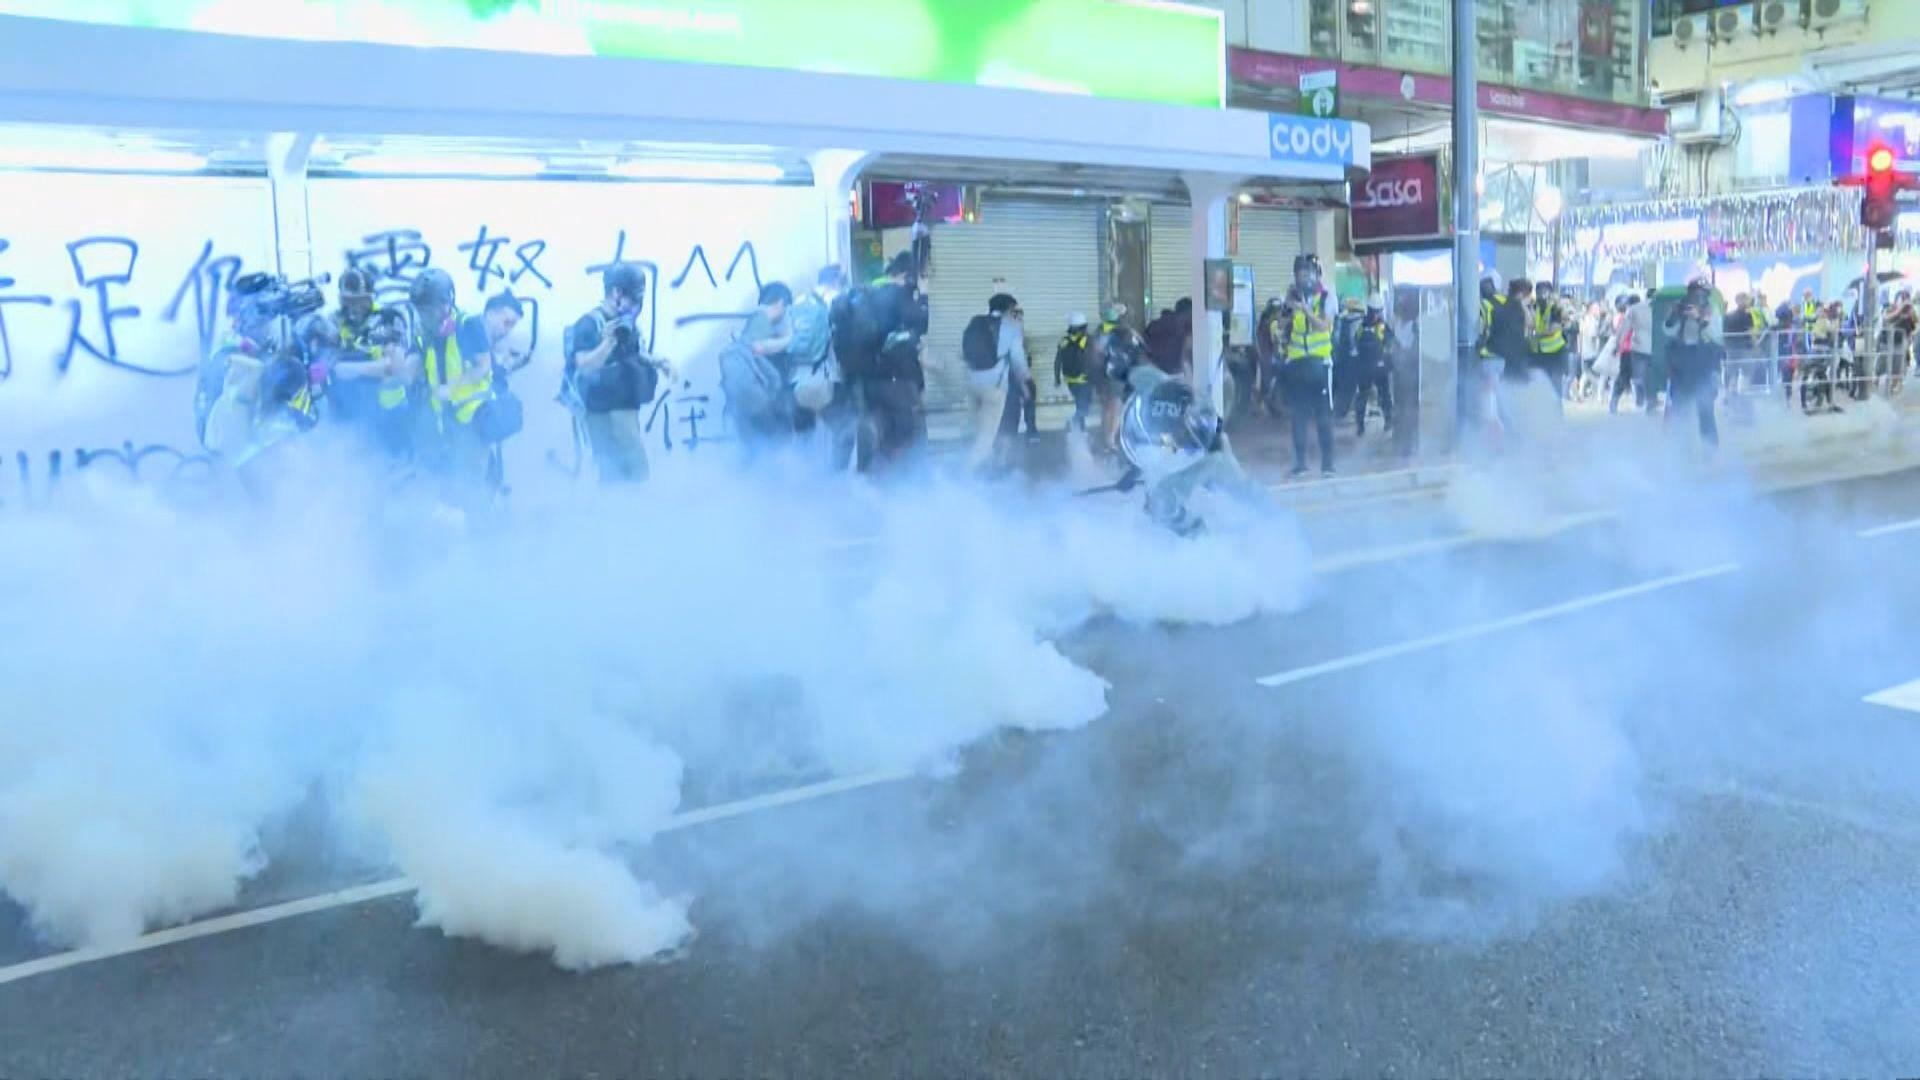 示威者入夜後銅鑼灣聚集 警再施催淚彈驅散